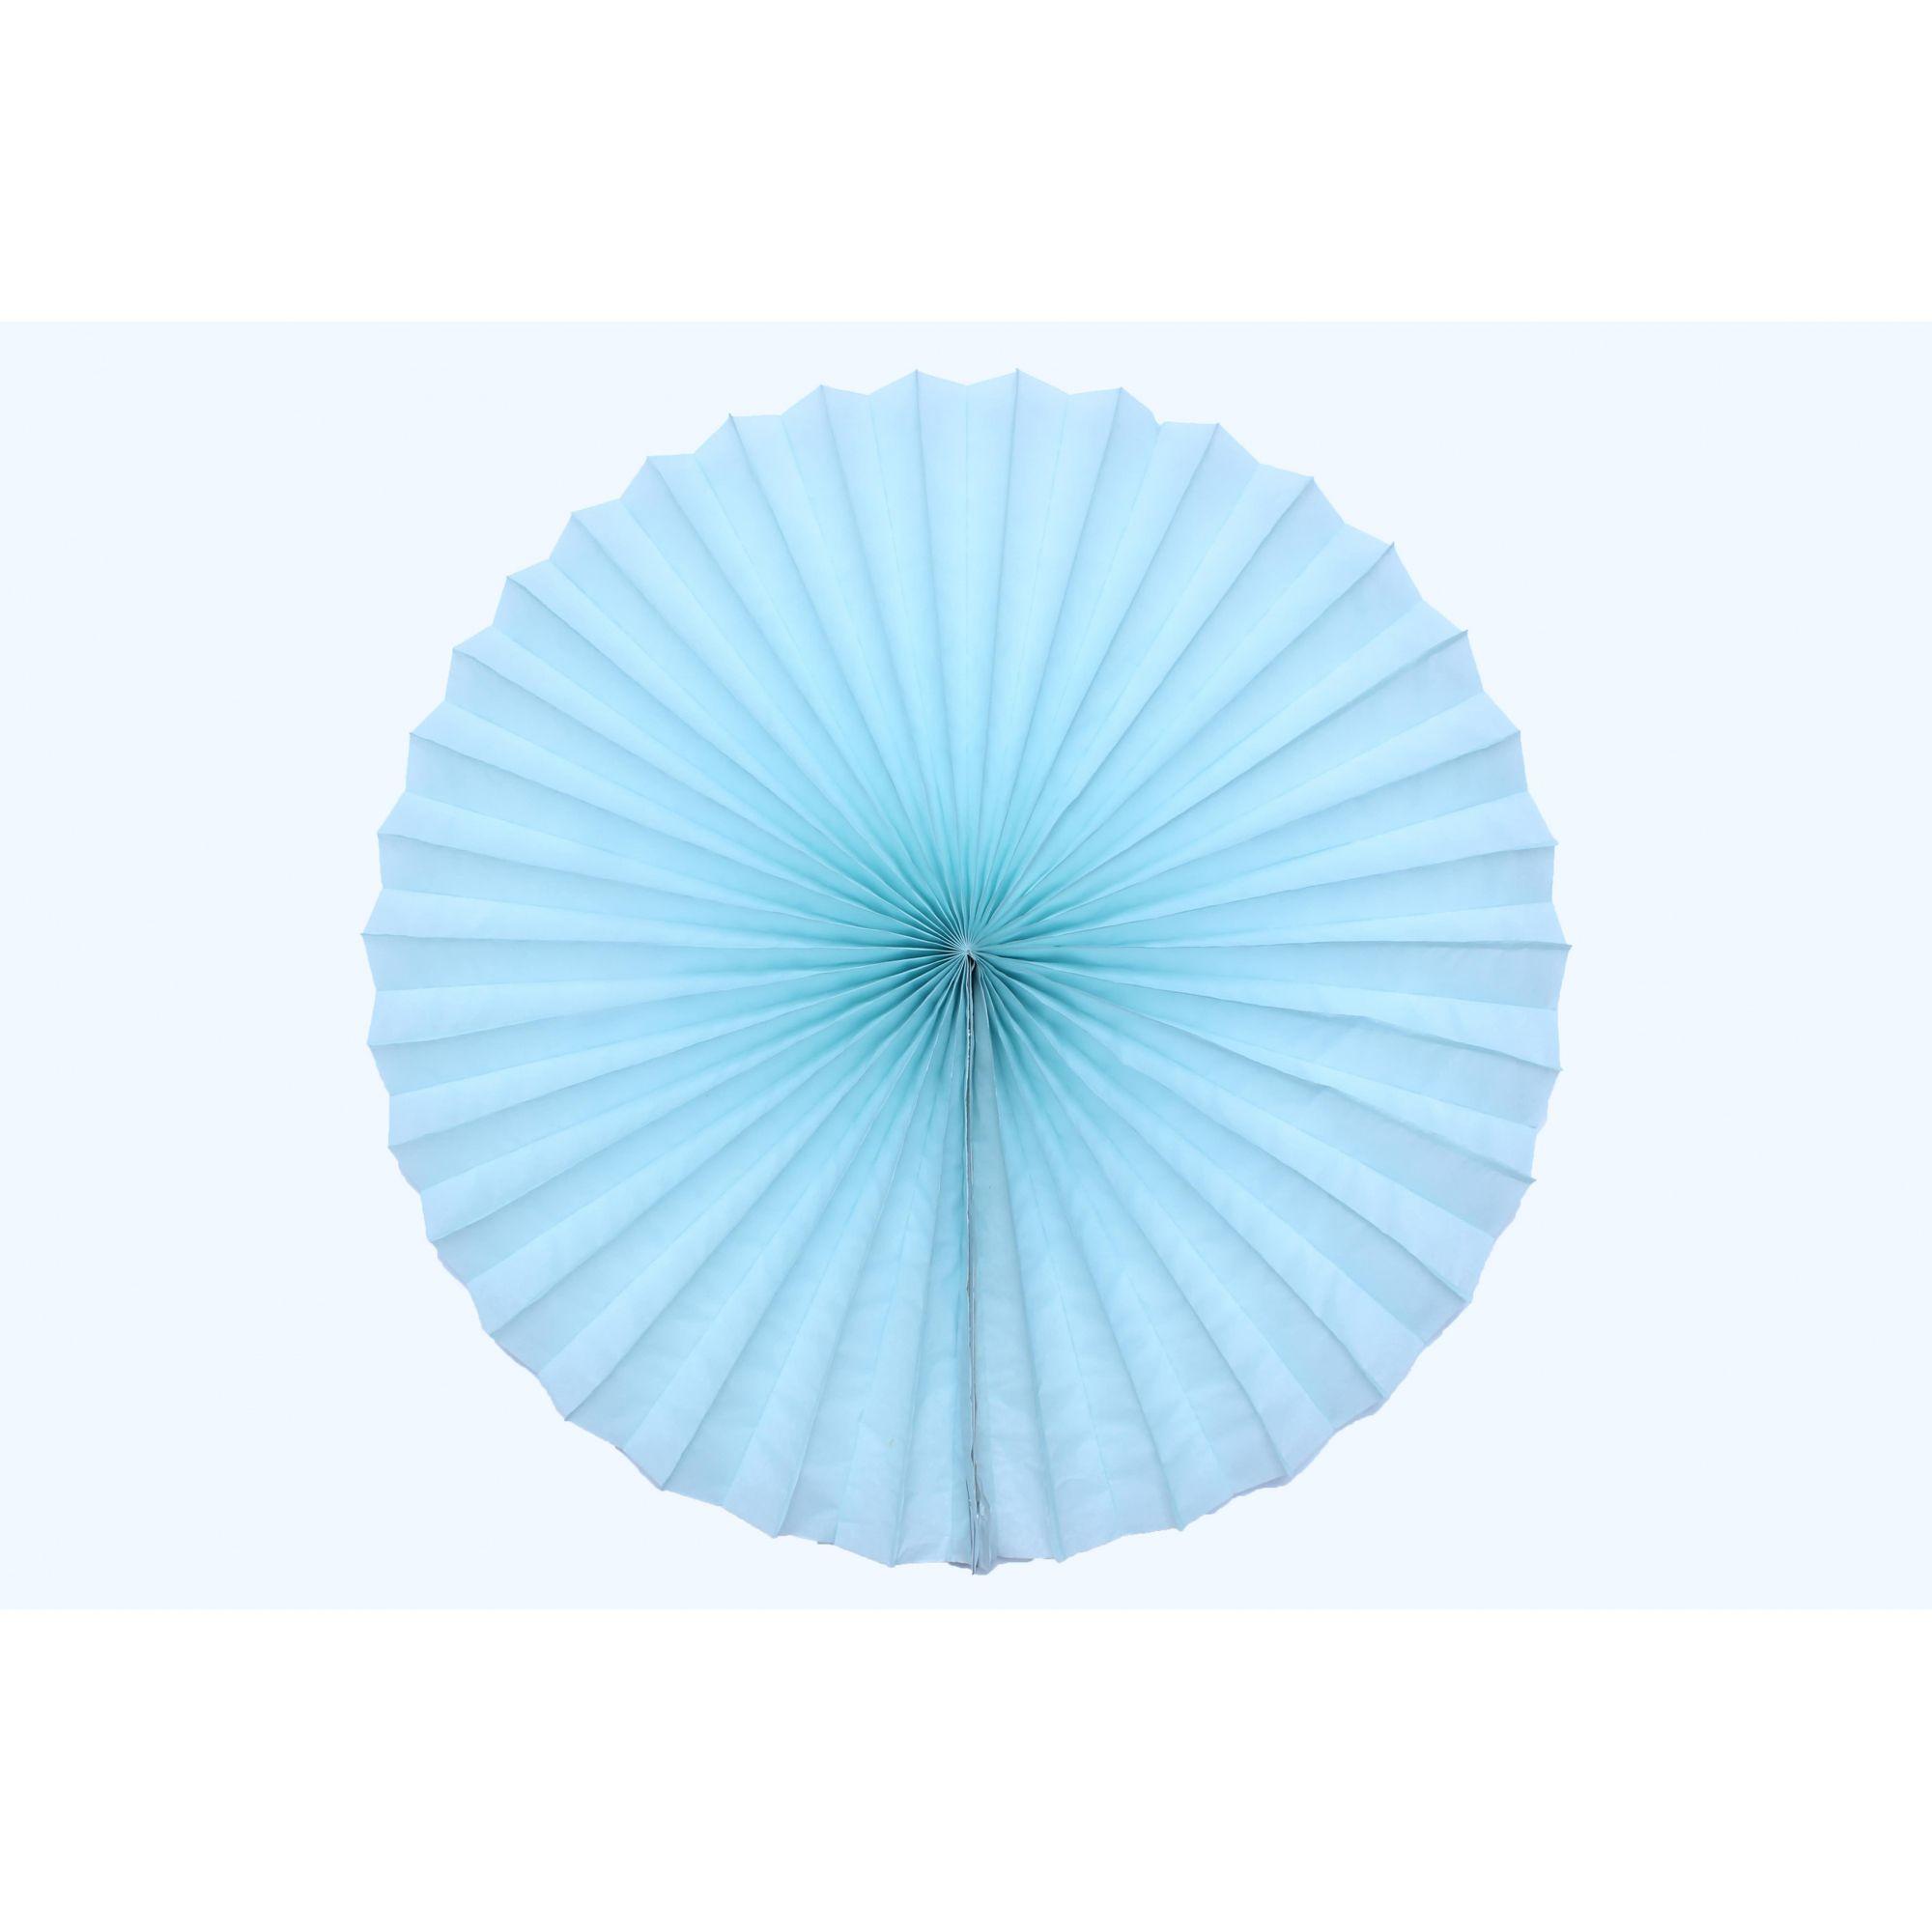 Enfeite de Papel de seda Fiorata, Roseta, Leque de Papel  Azul Claro - GiroToy